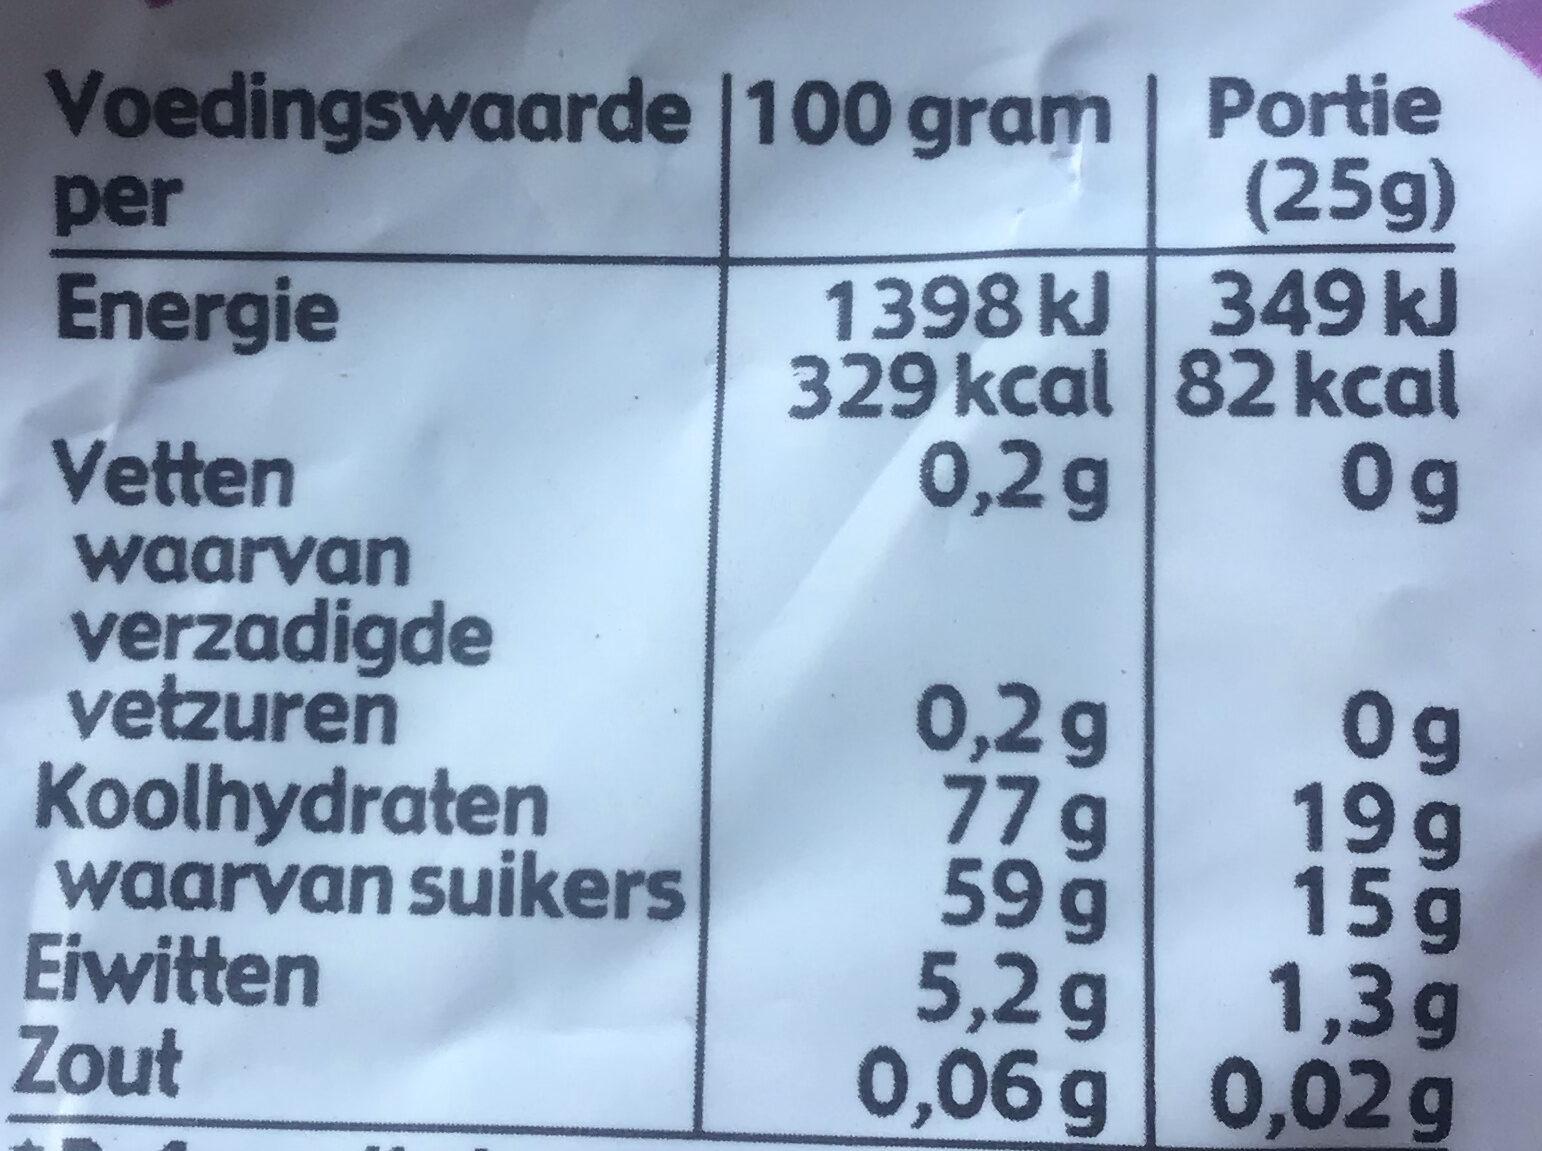 Luchtige zoete drop - Voedingswaarden - nl